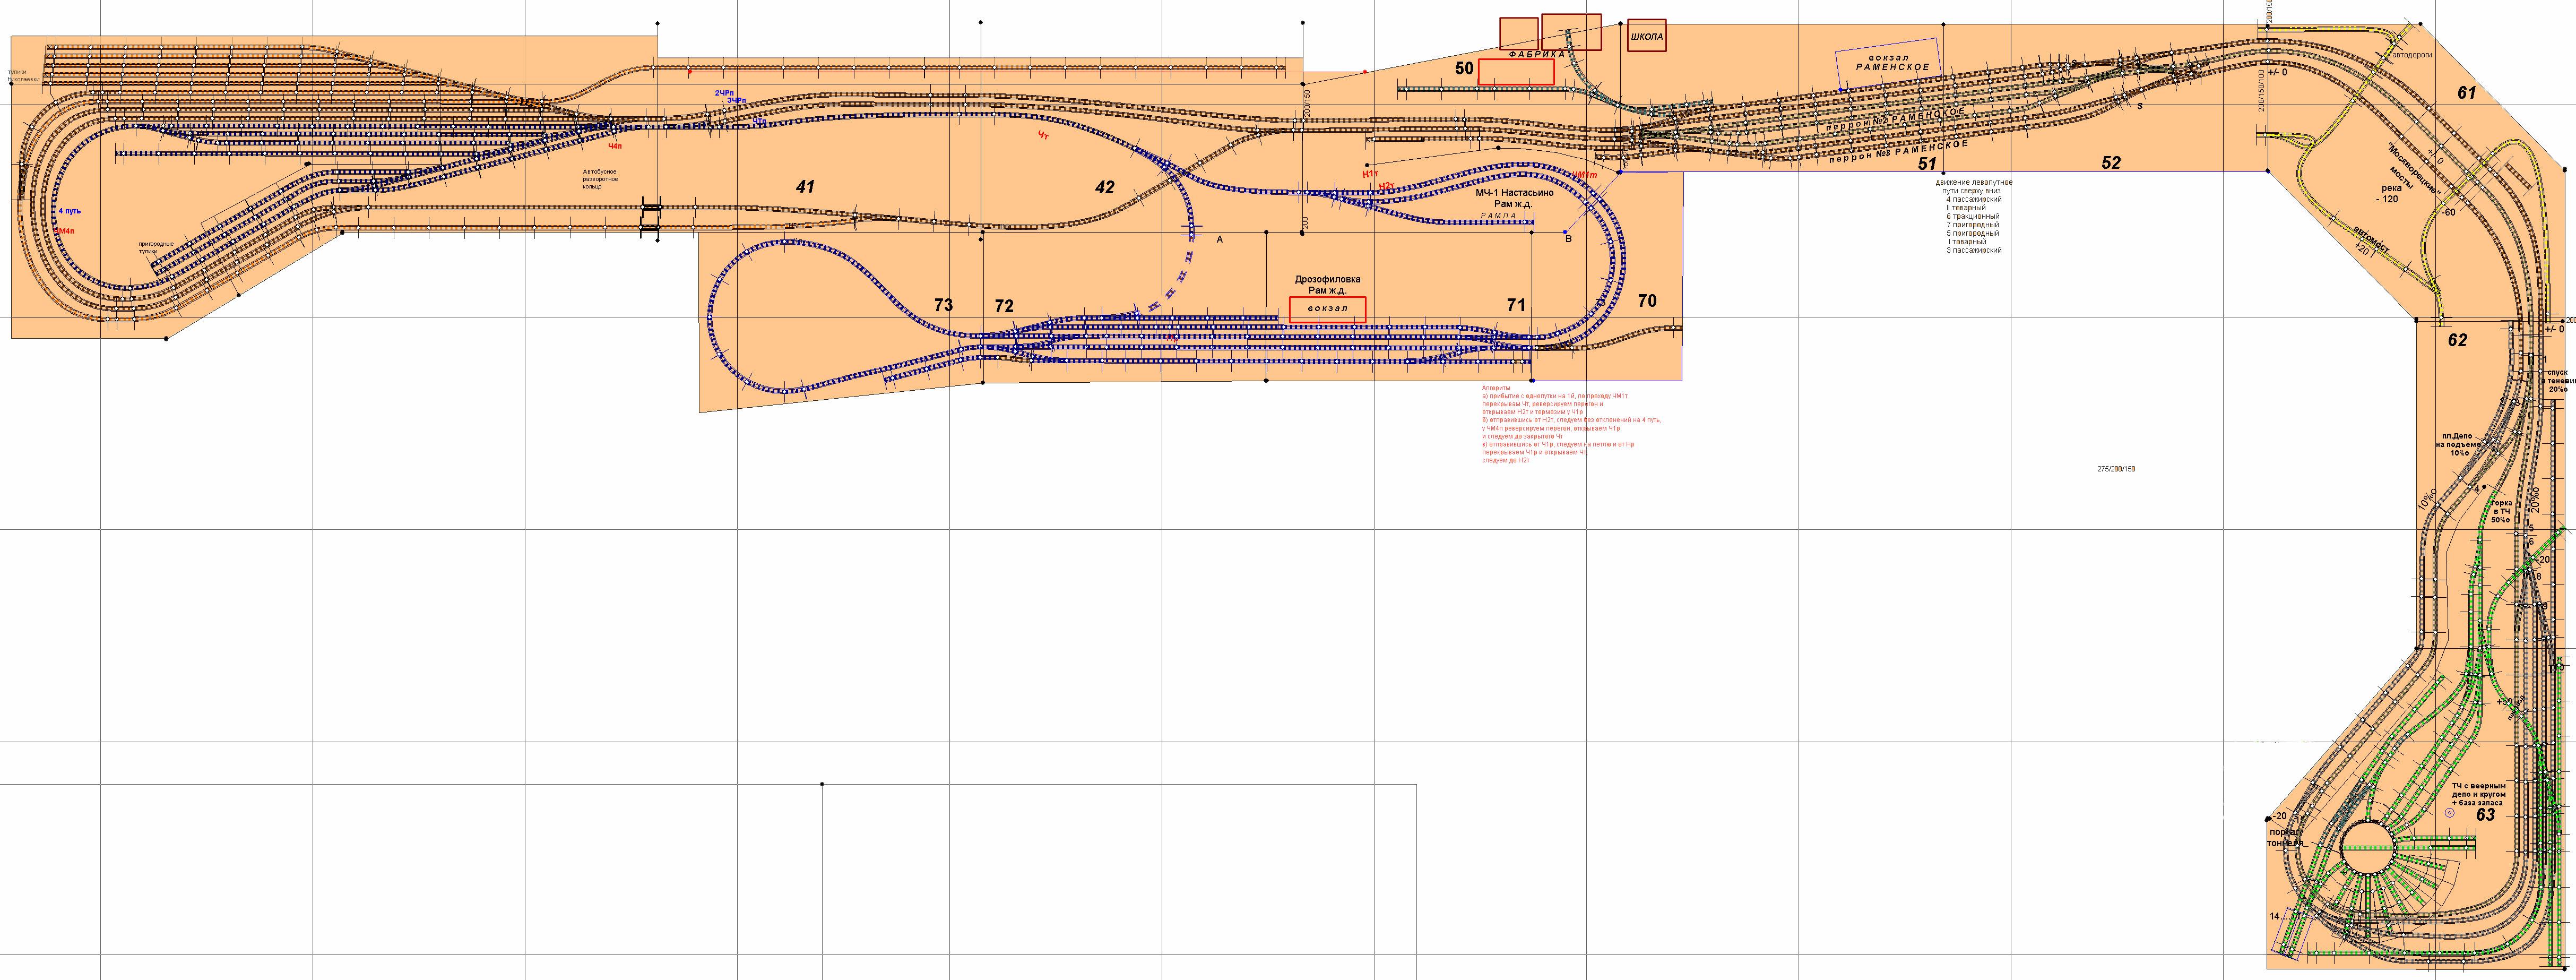 Каталог планирования путевых схем